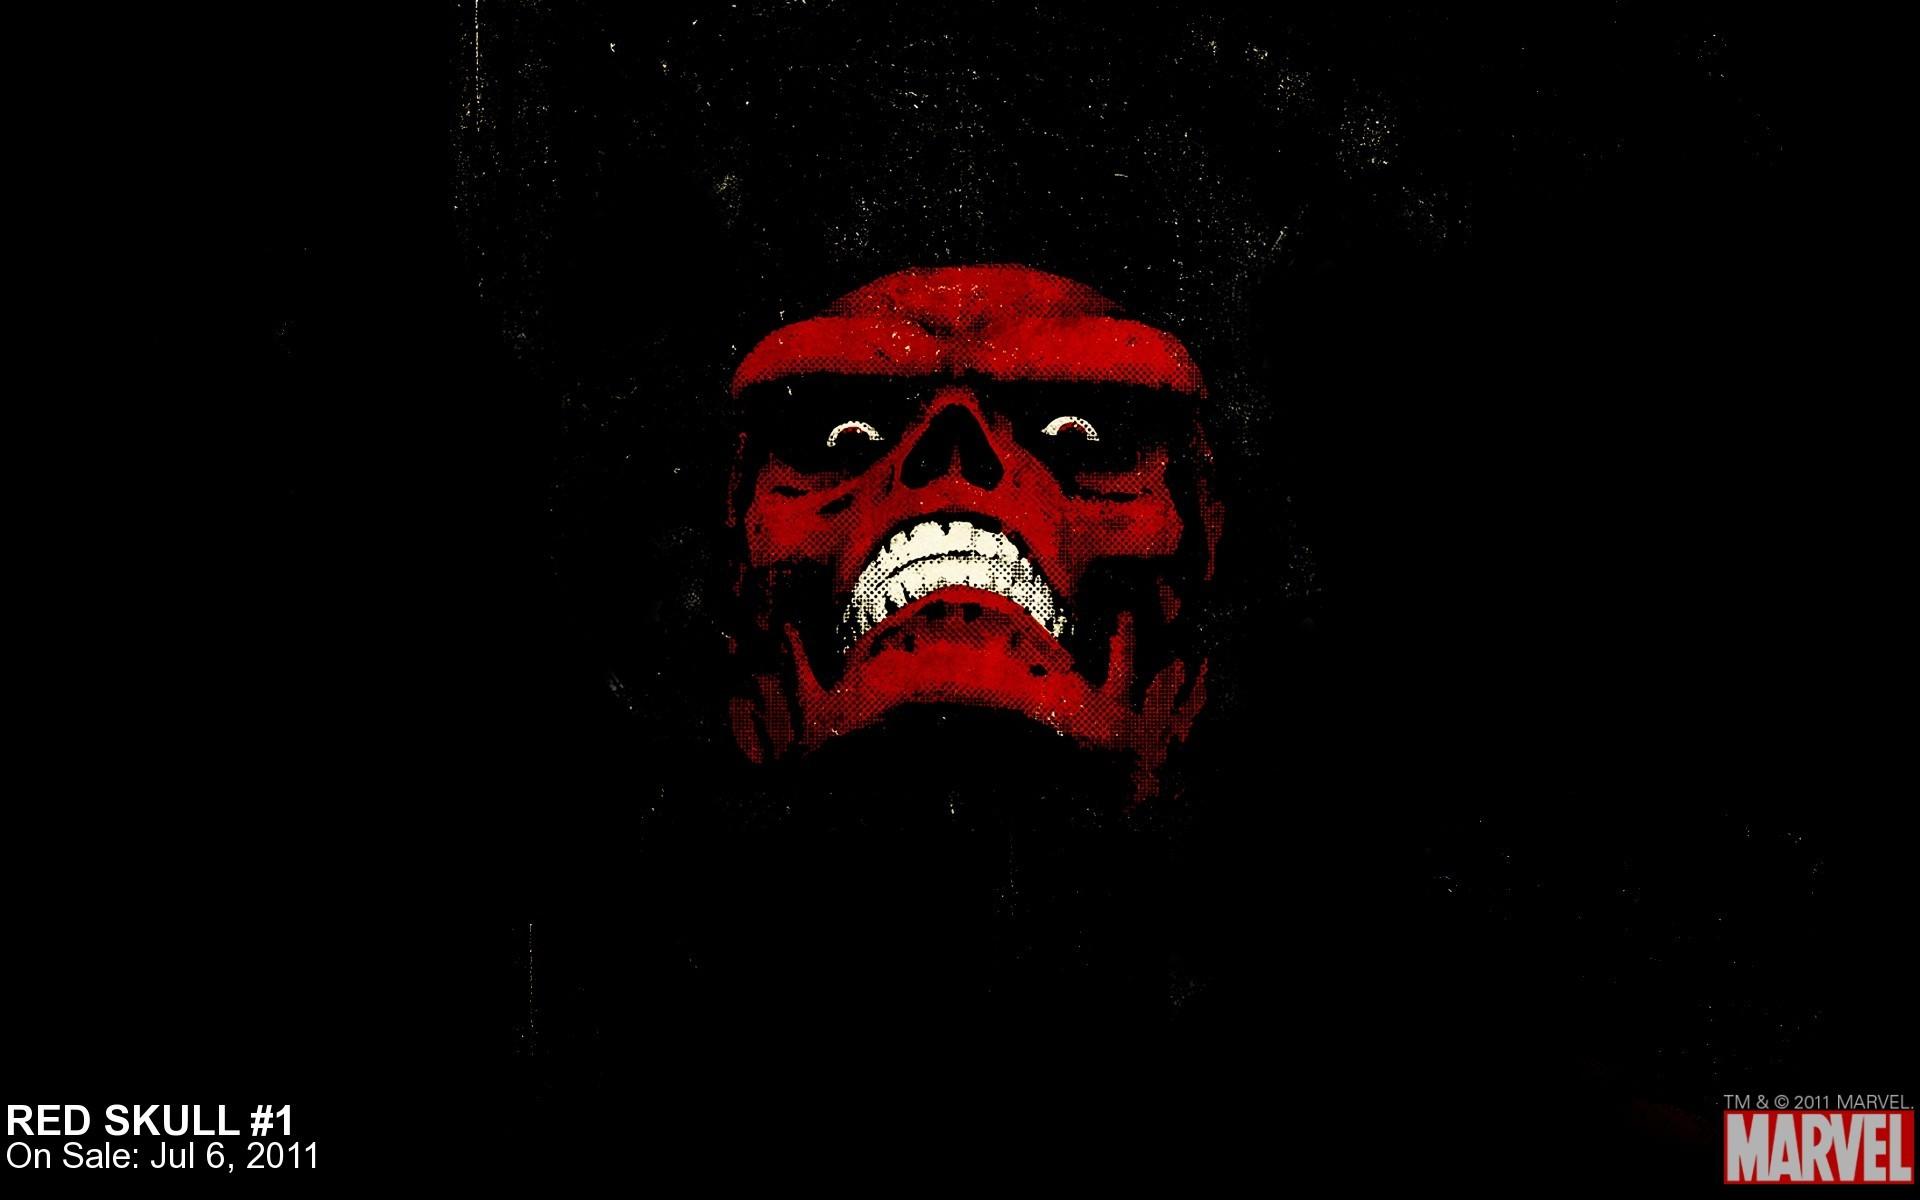 marvel red skull wallpaper (57+ images)